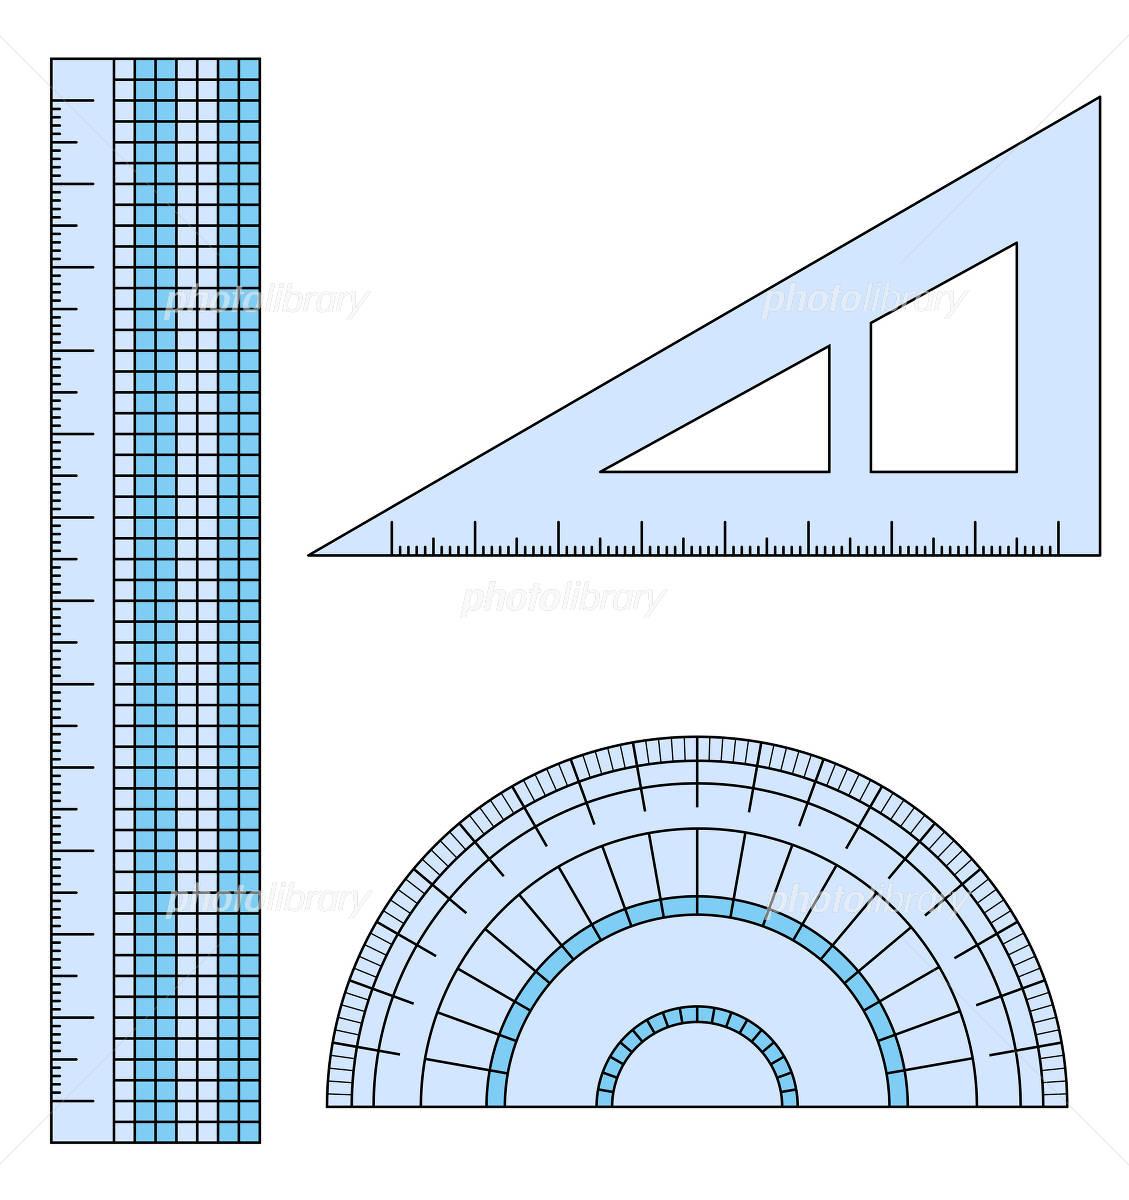 定規と分度器と三角定規 イラスト素材 1997892 フォトライブラリー